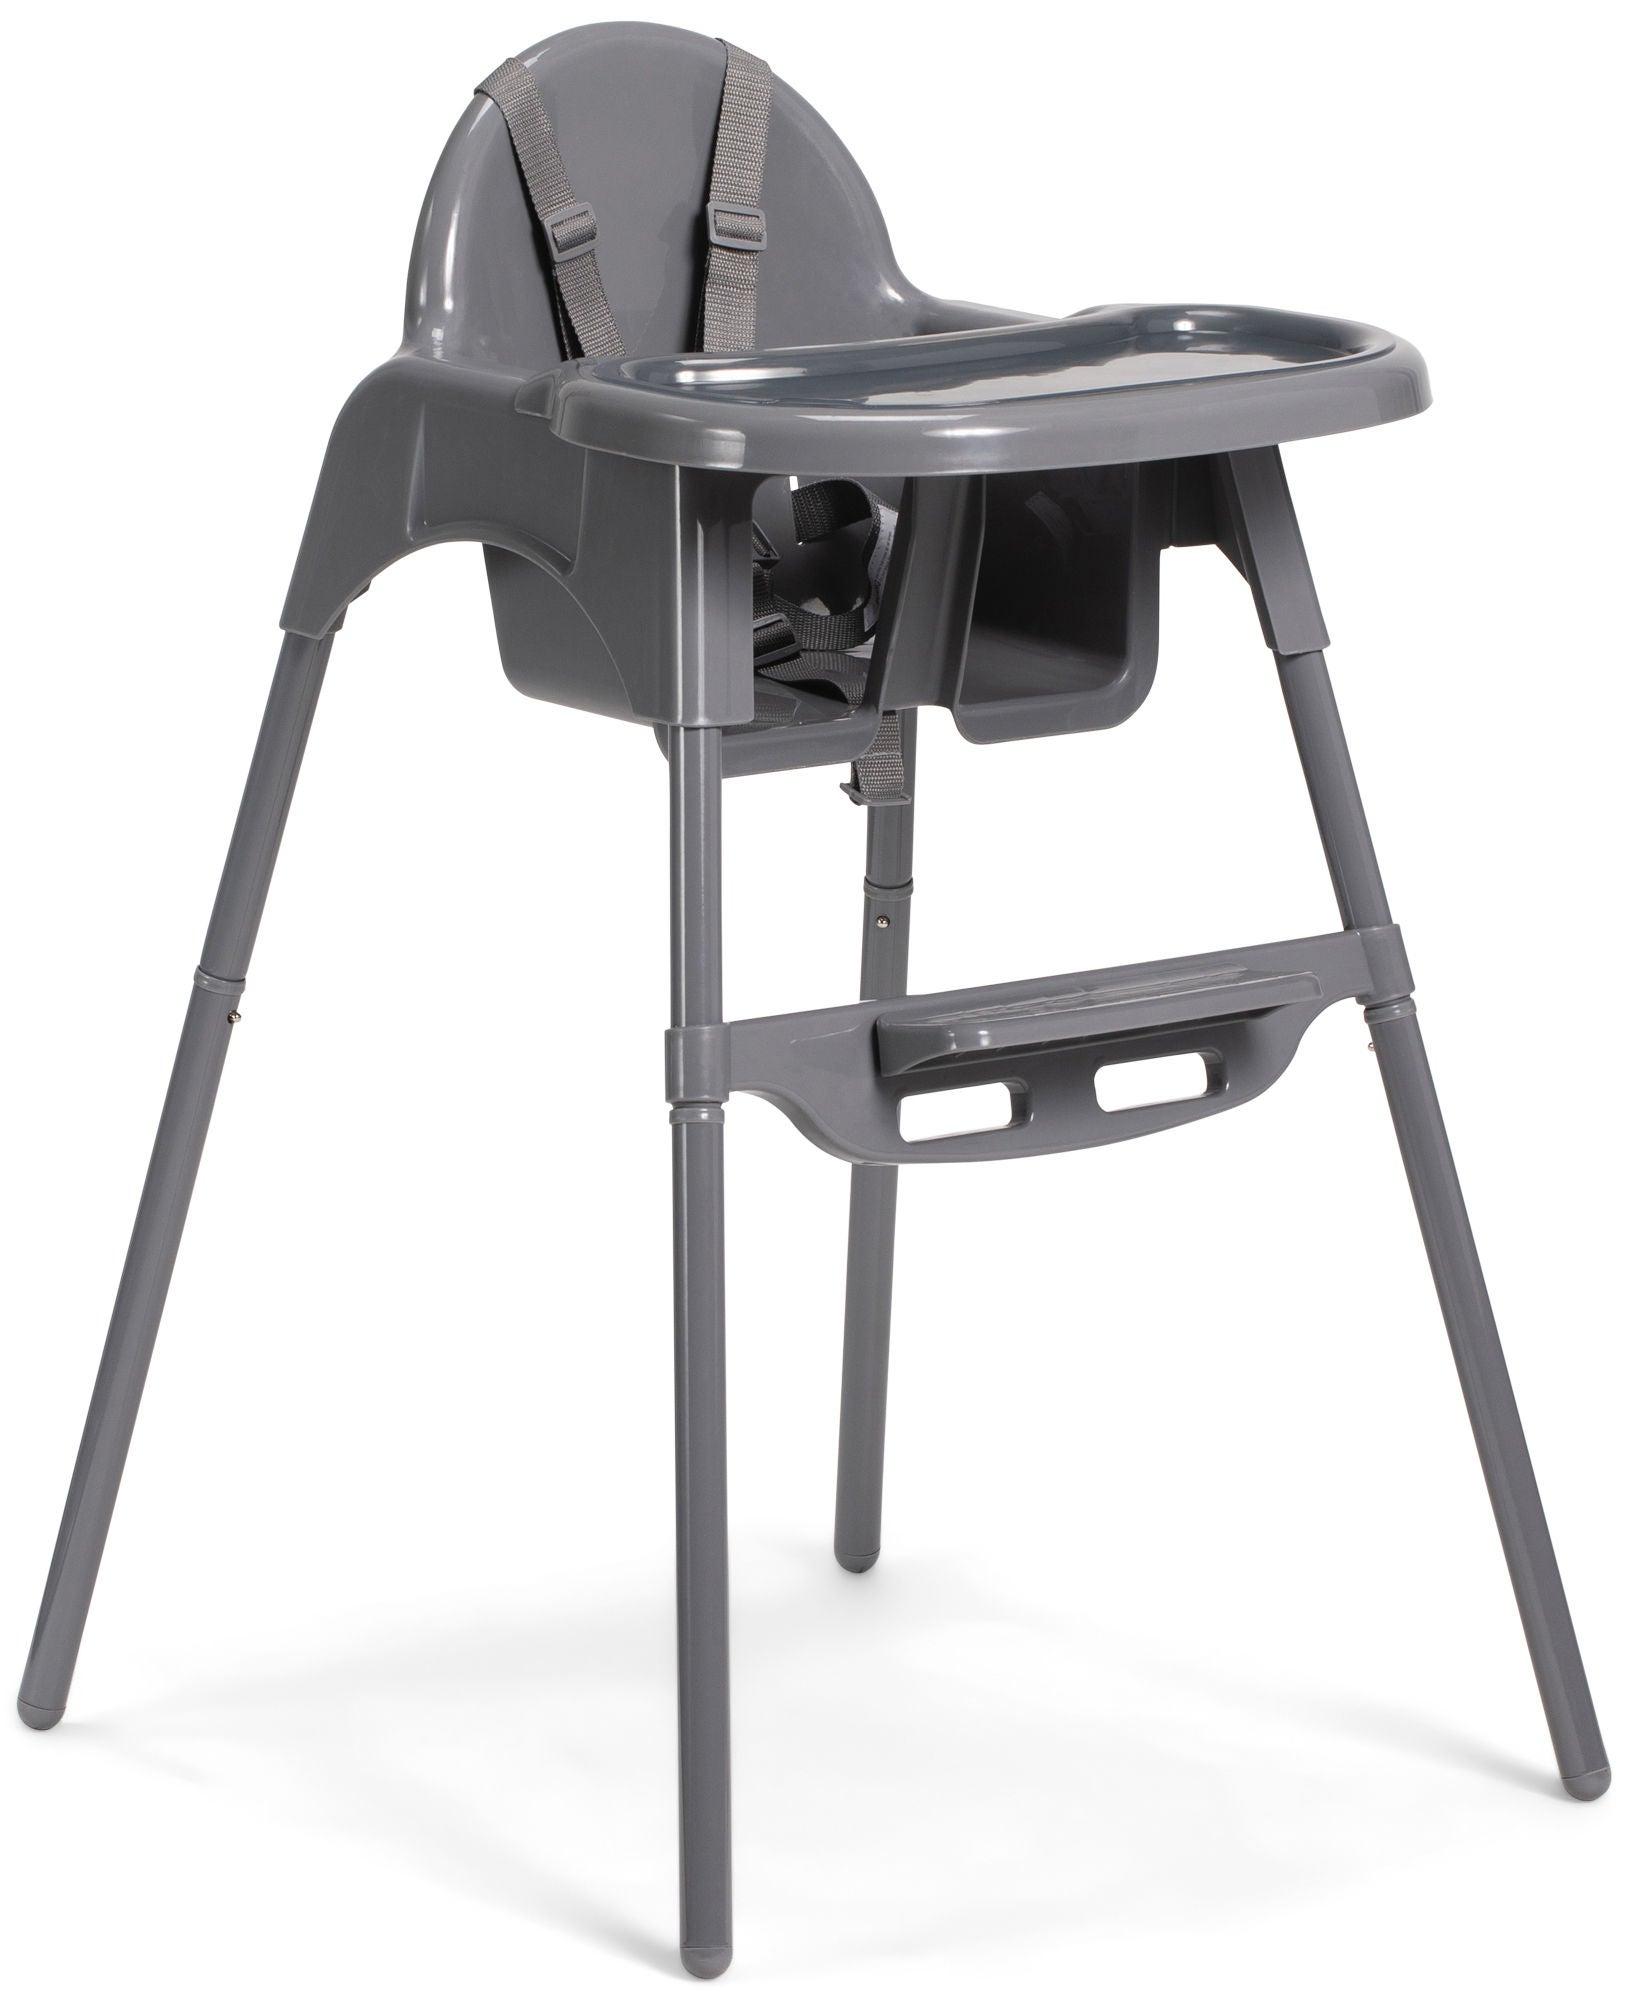 95b7da4b53a Højstole   Praktiske og flotte højstole til børn   Jollyroom